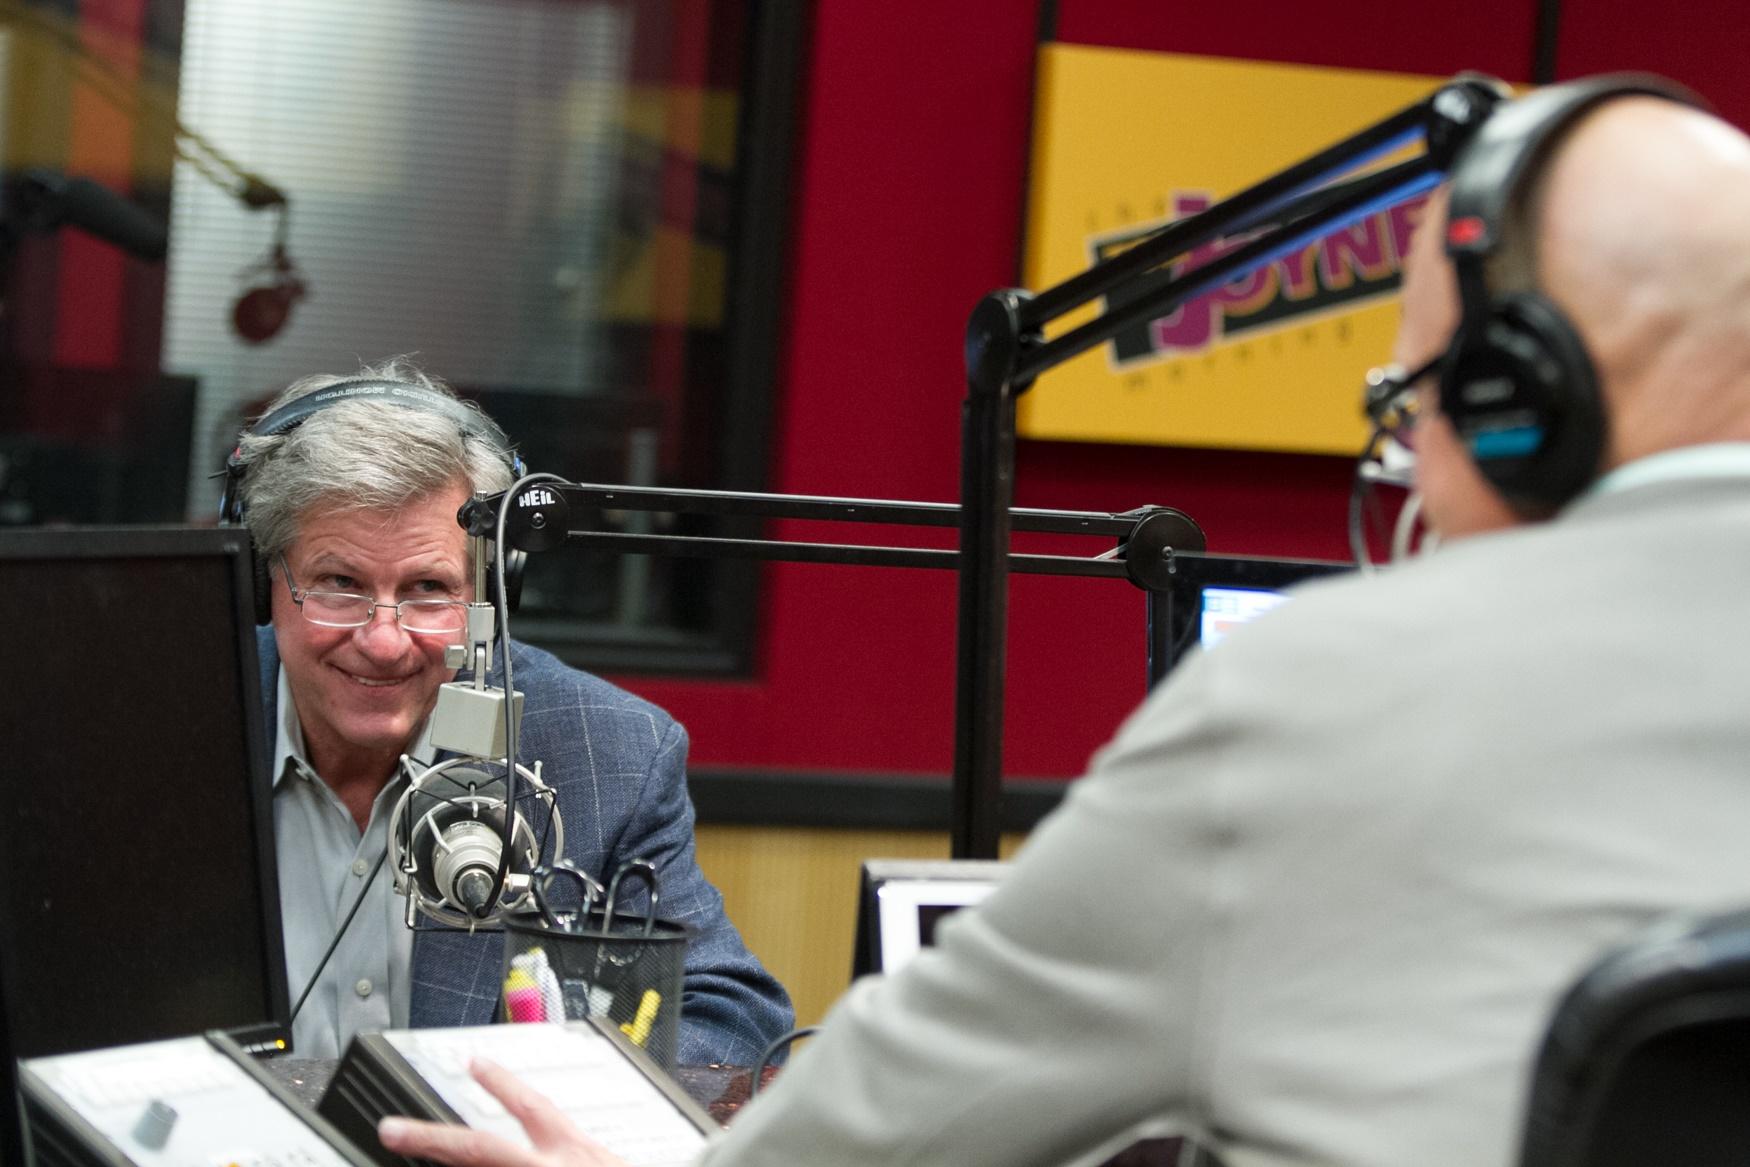 AUDIO: Denny's President John Miller Talks with the Tom Joyner Morning Show